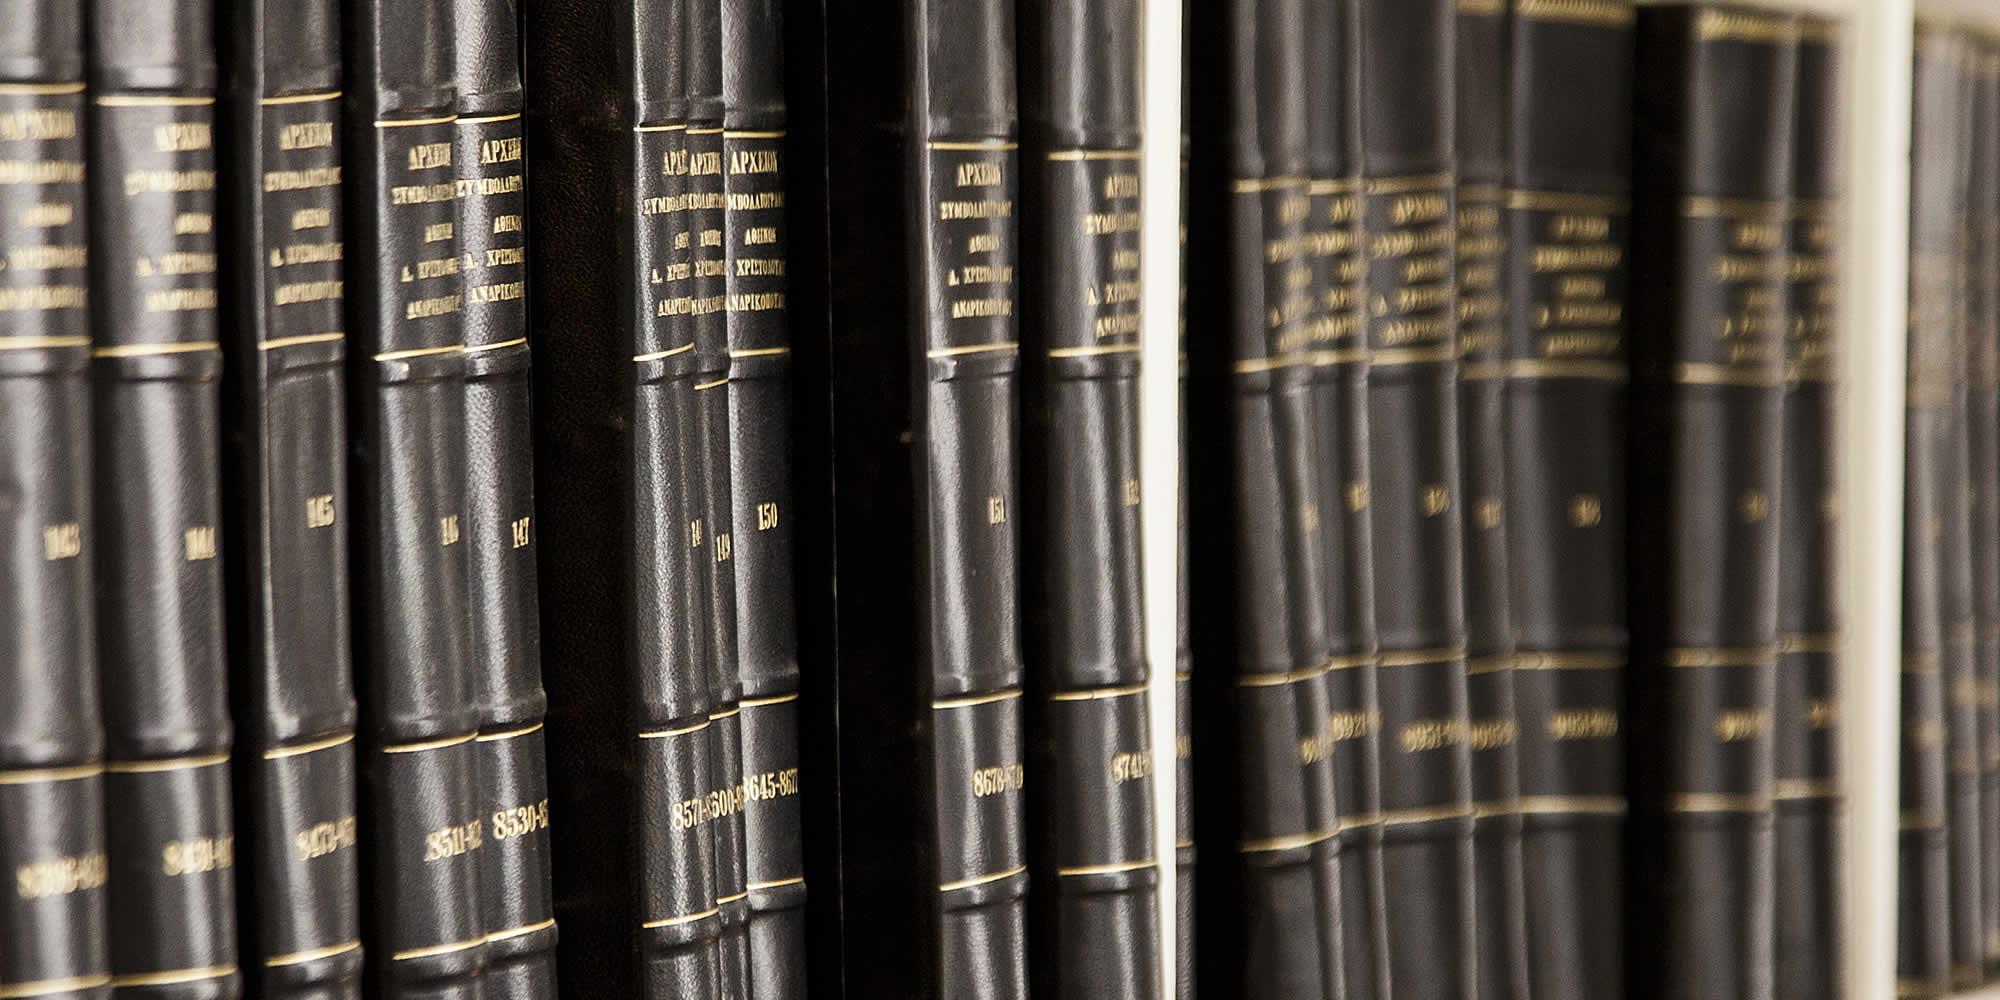 Το συμβολαιογραφείο της Αλίκης Χριστοδούλου, το οποίο ιδρύθηκε αρχικά από την γιαγιά της Αικατερίνη Ανδρικοπούλου το έτος 1957, βρίσκεται στο κέντρο της Αθήνας, στην οδό Σοφοκλέους αρ. 7-9, απέναντι από το κτίριο του πρώην Χρηματιστηρίου Αθηνών | The notary firm of Alice Christodoulou is offering services which concern all the fields of the modern notarial vocation, such as: Real Estate Law, Corporate Law & Family Law | Depuis de nombreuses années, cette étude est une référence dans les domaines du: Droit de la propriété, Droit des sociétés, Droit de la famille